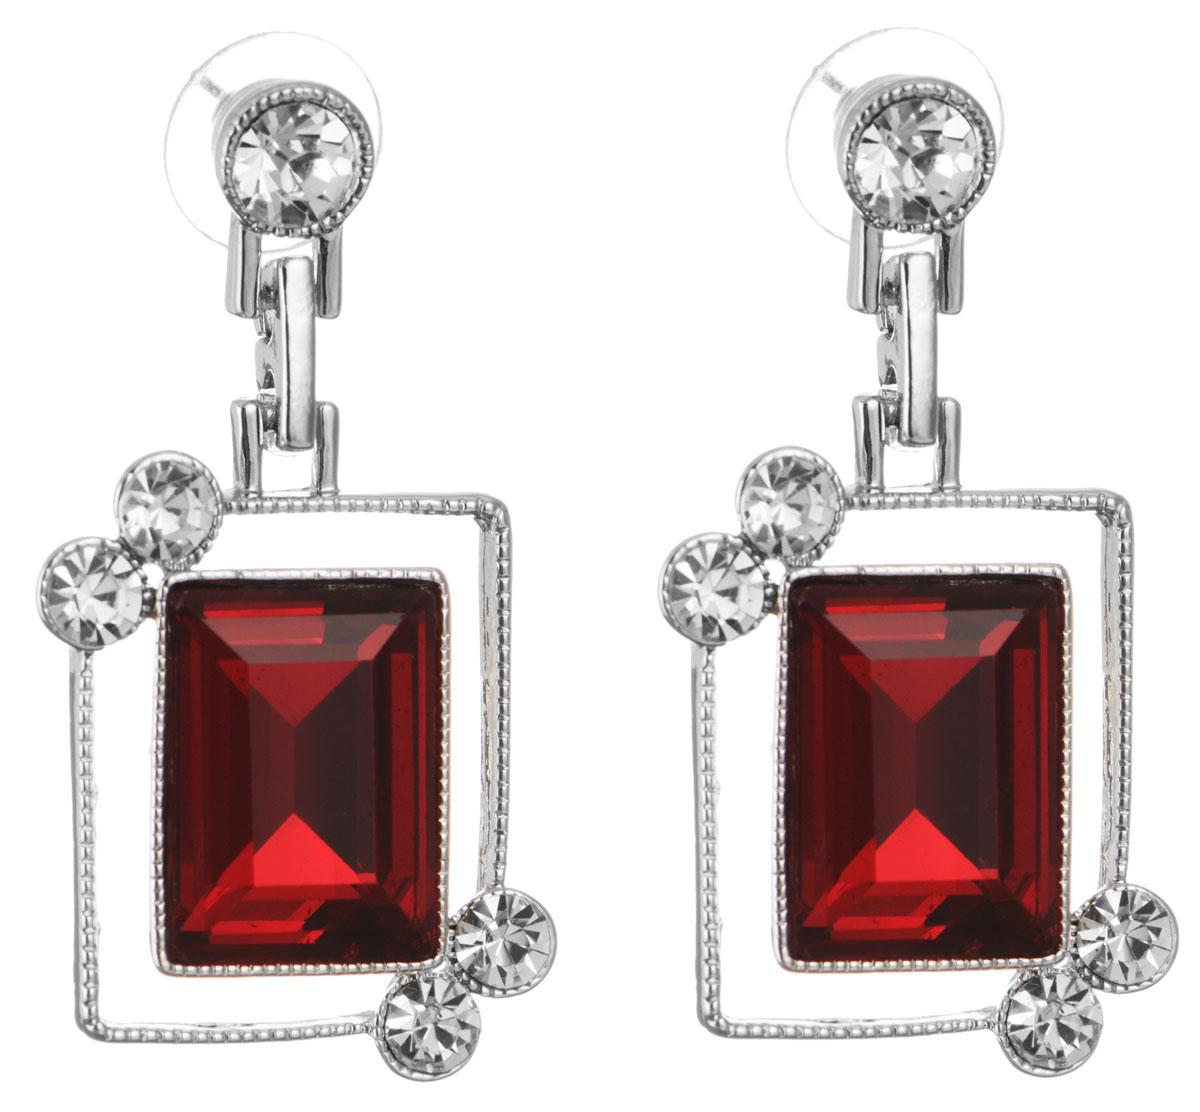 Серьги Taya, цвет: серебристый, красный. T-B-10689-EARR-SL.REDT-B-10689-EARR-SL.REDОригинальные серьги Taya, выполненные из металлического сплава в виде подвесок квадратной формы декорированных крупными и мелкими стразами, придадут вашему образу изюминку, подчеркнут красоту или преобразят повседневный наряд. Застегиваются на замок-гвоздик с пластиковой заглушкой. Такие серьги позволит вам с легкостью воплотить самую смелую фантазию и создать собственный, неповторимый образ.